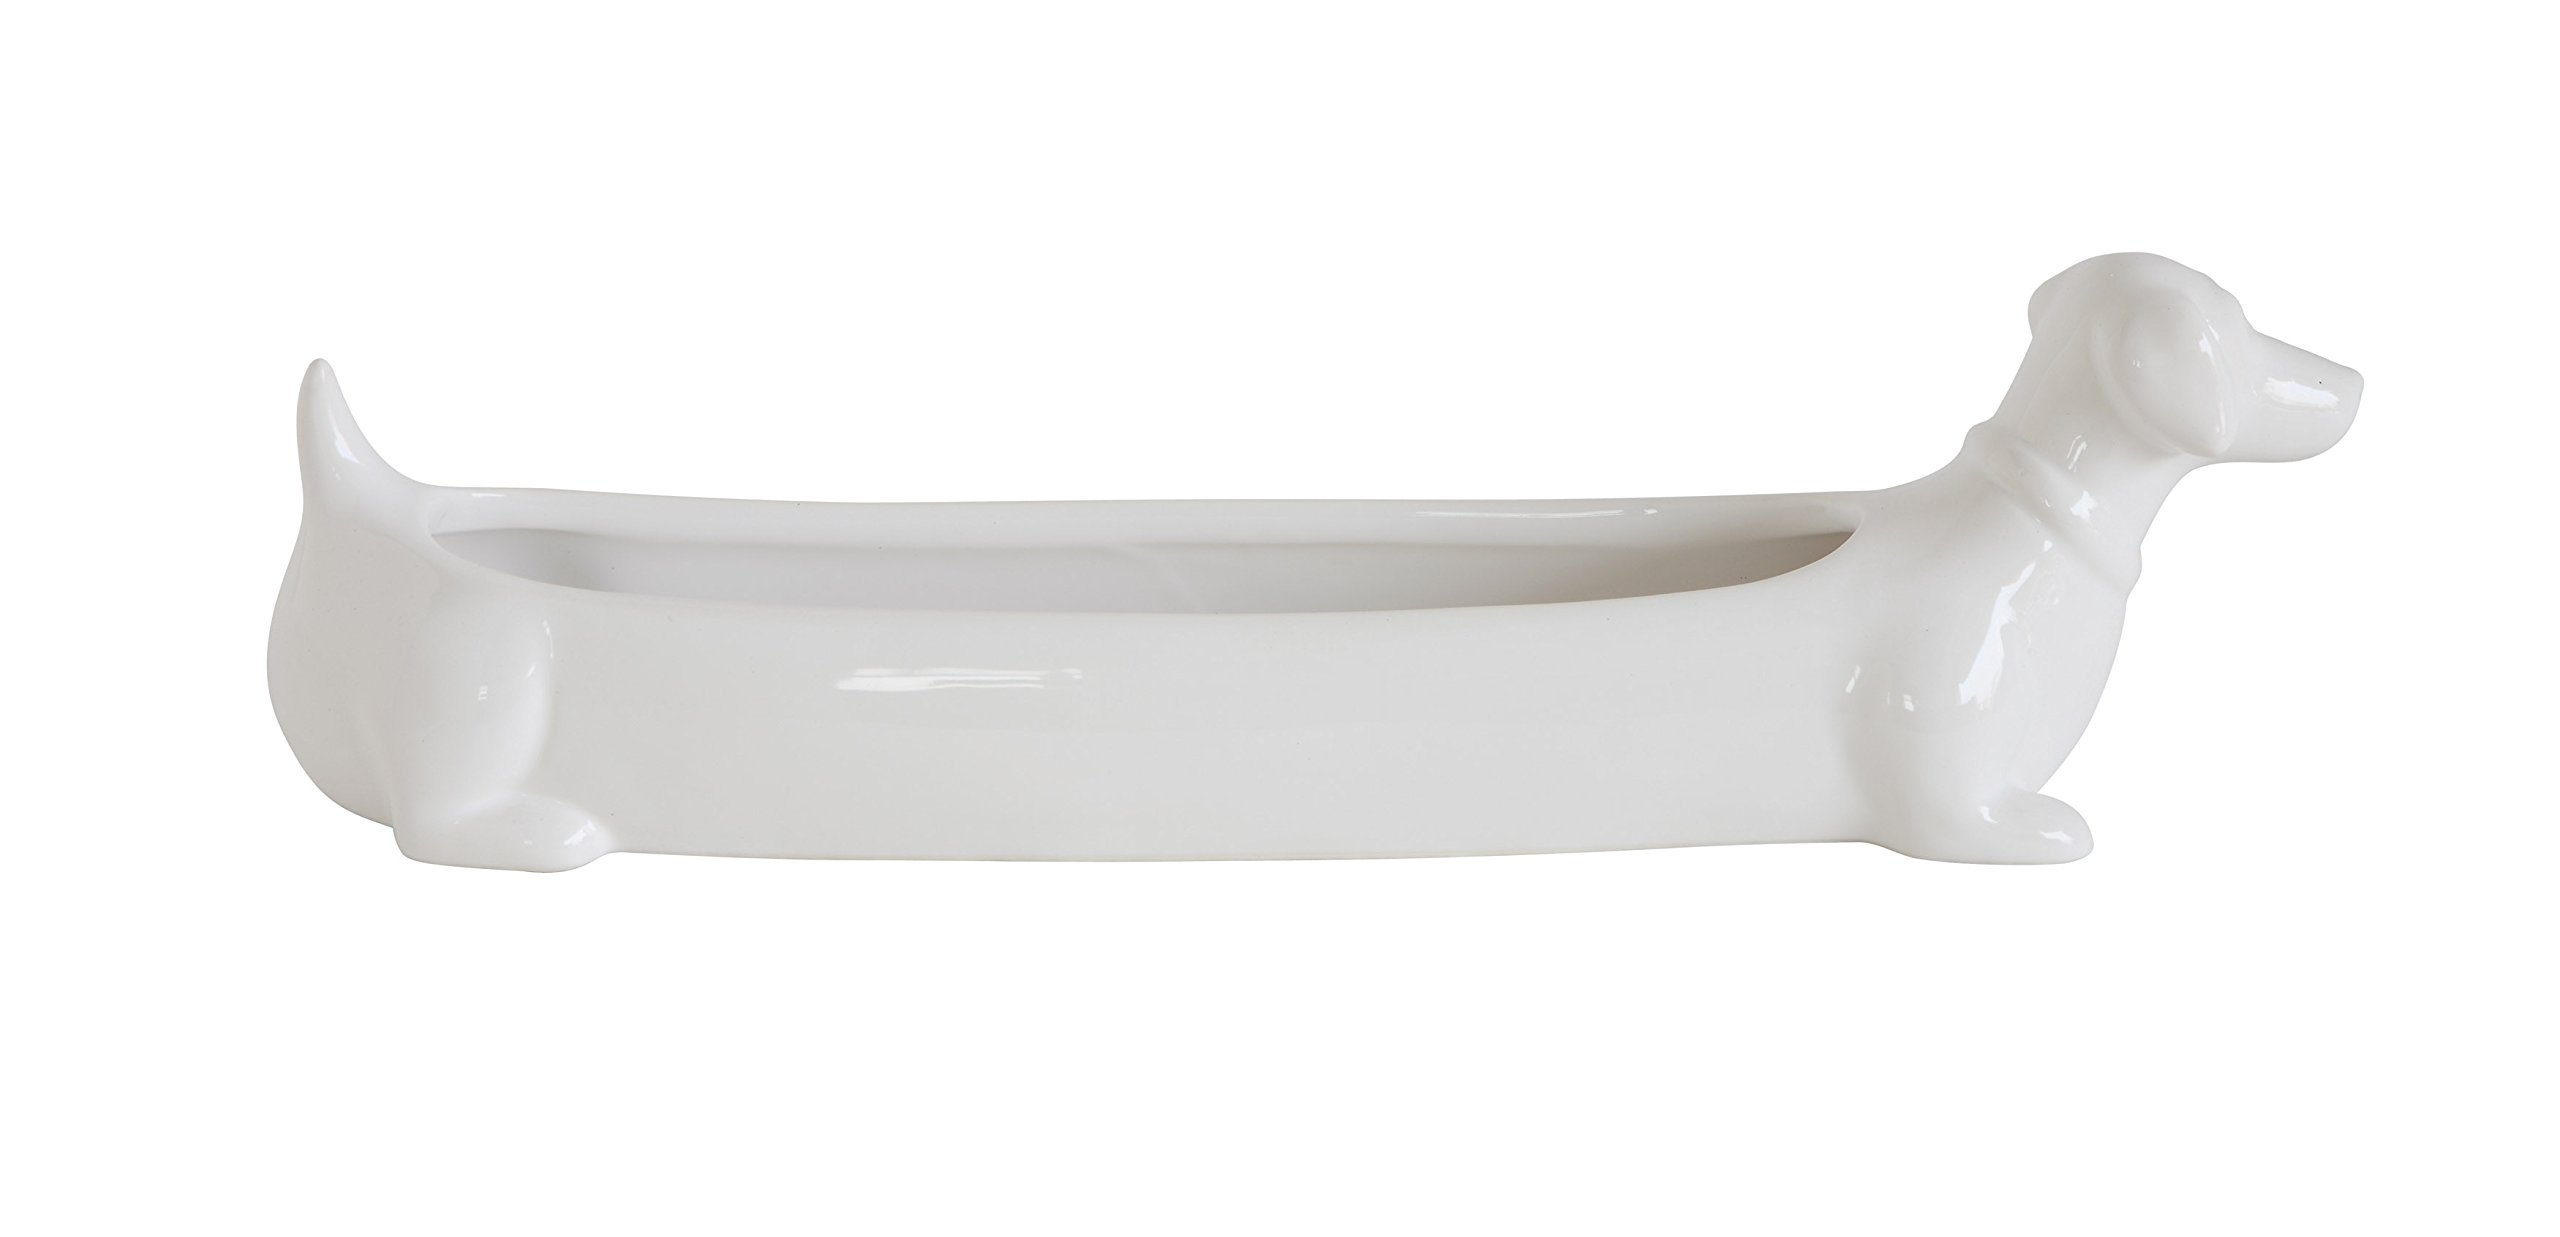 Creative Co-Op DA7590 Cracker Dish, 10.5''L x 3''W x 5.5''H, White